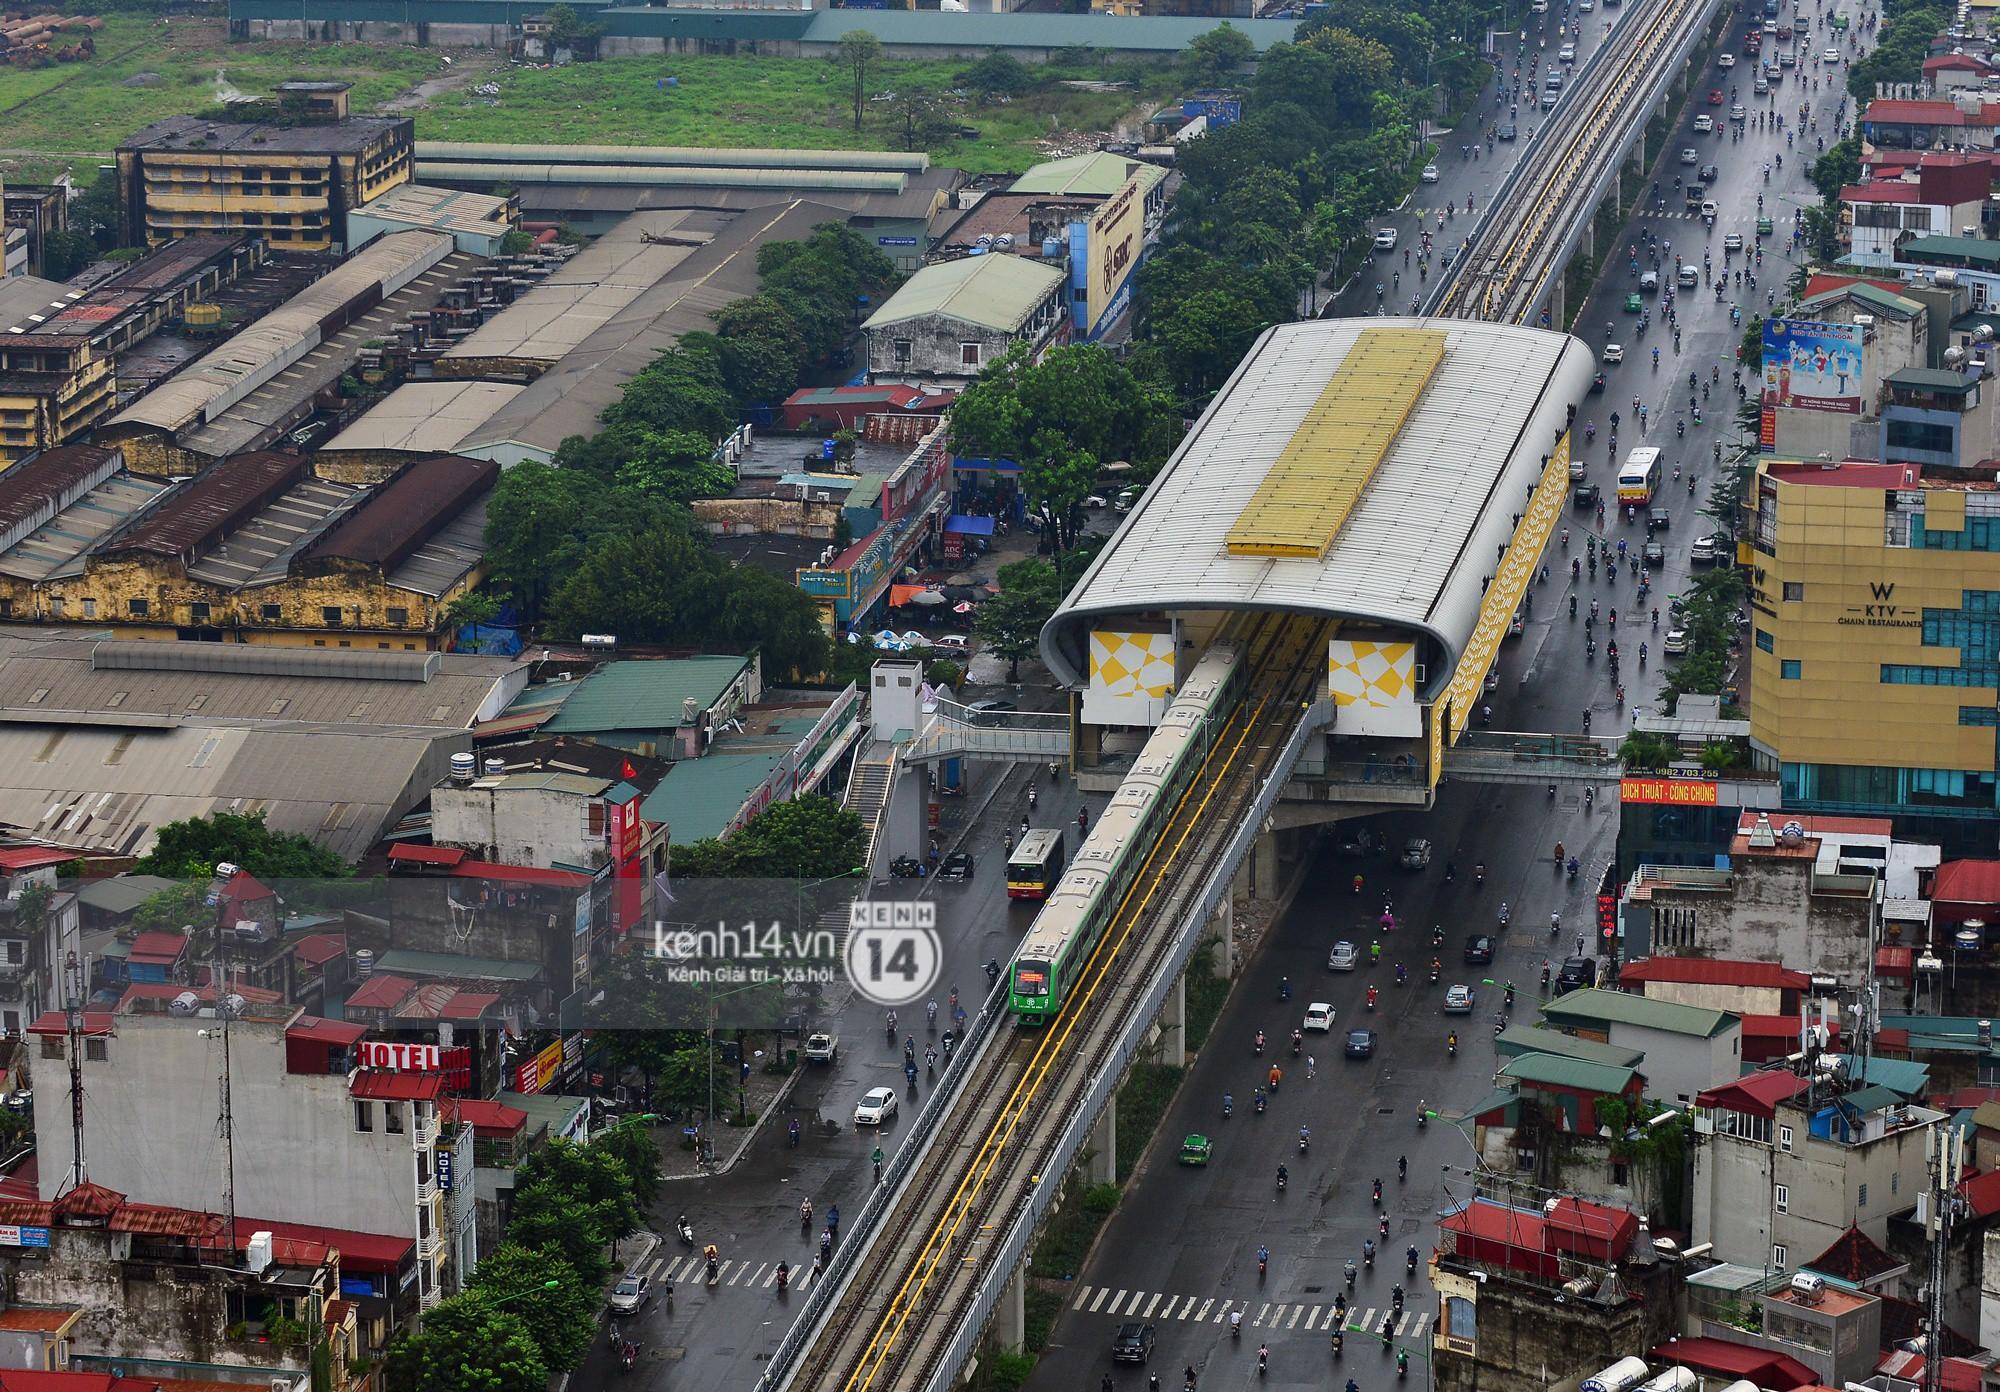 4 đoàn tàu đường sắt trên cao bất ngờ di chuyển trong mưa trước ngày chạy thử-2